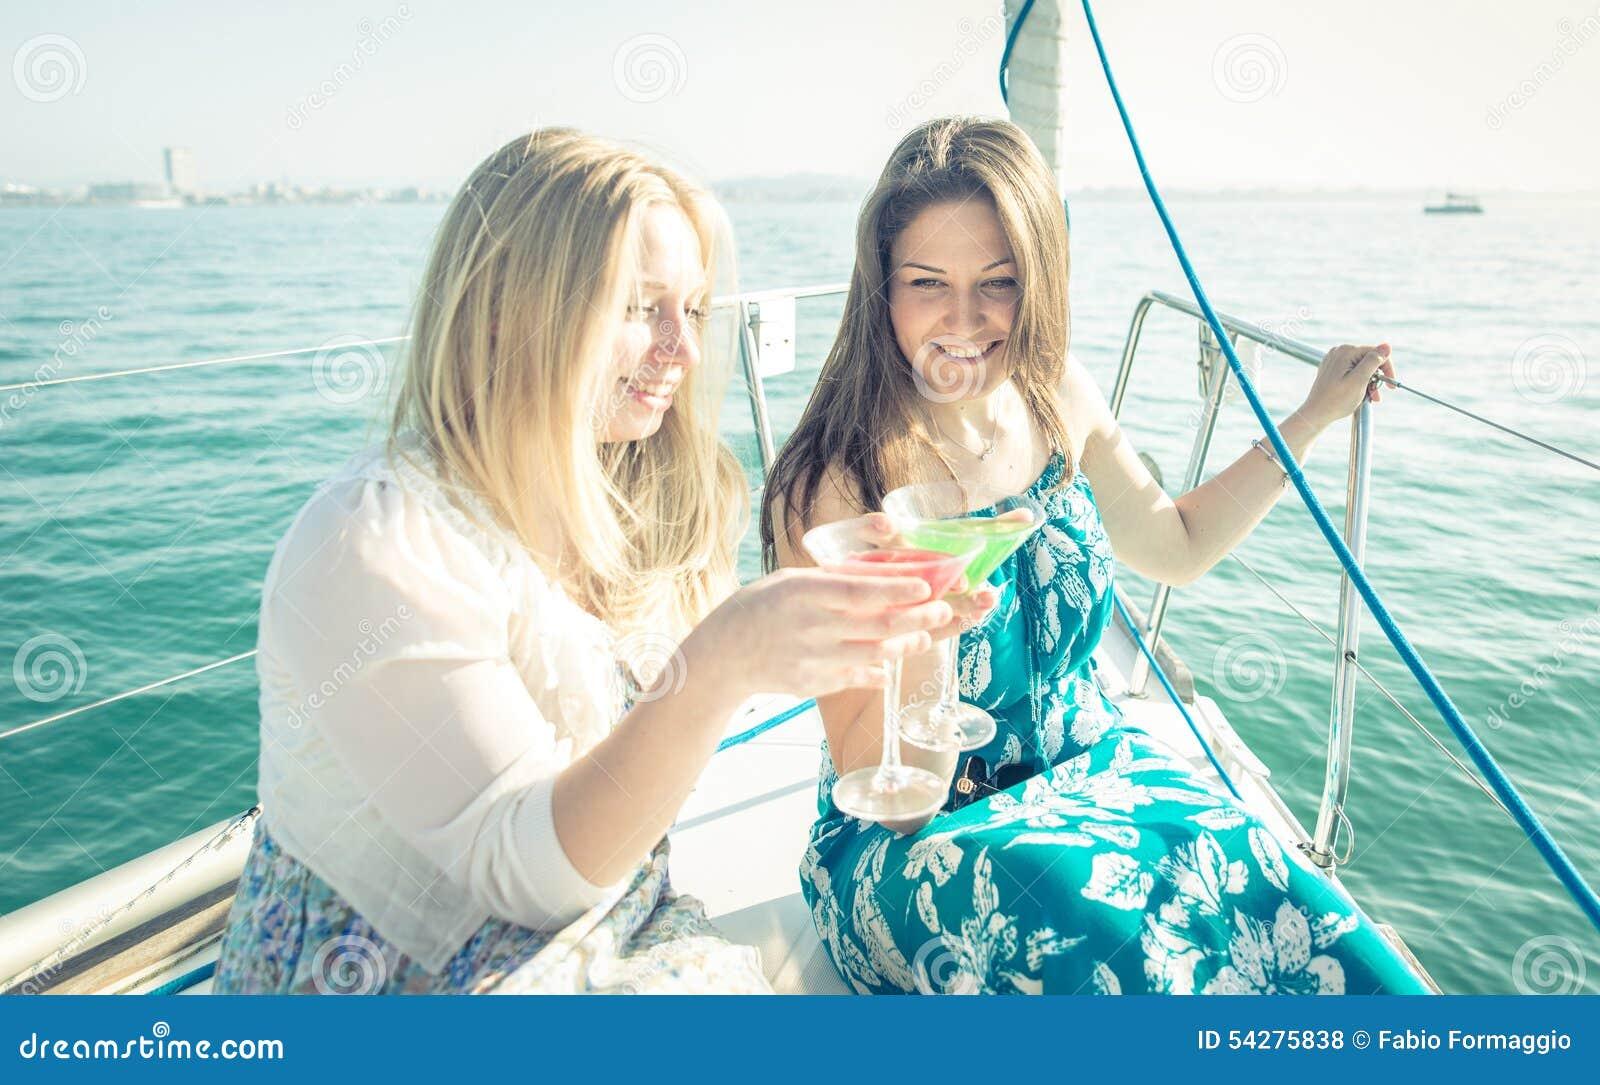 Two Girl Having Fun